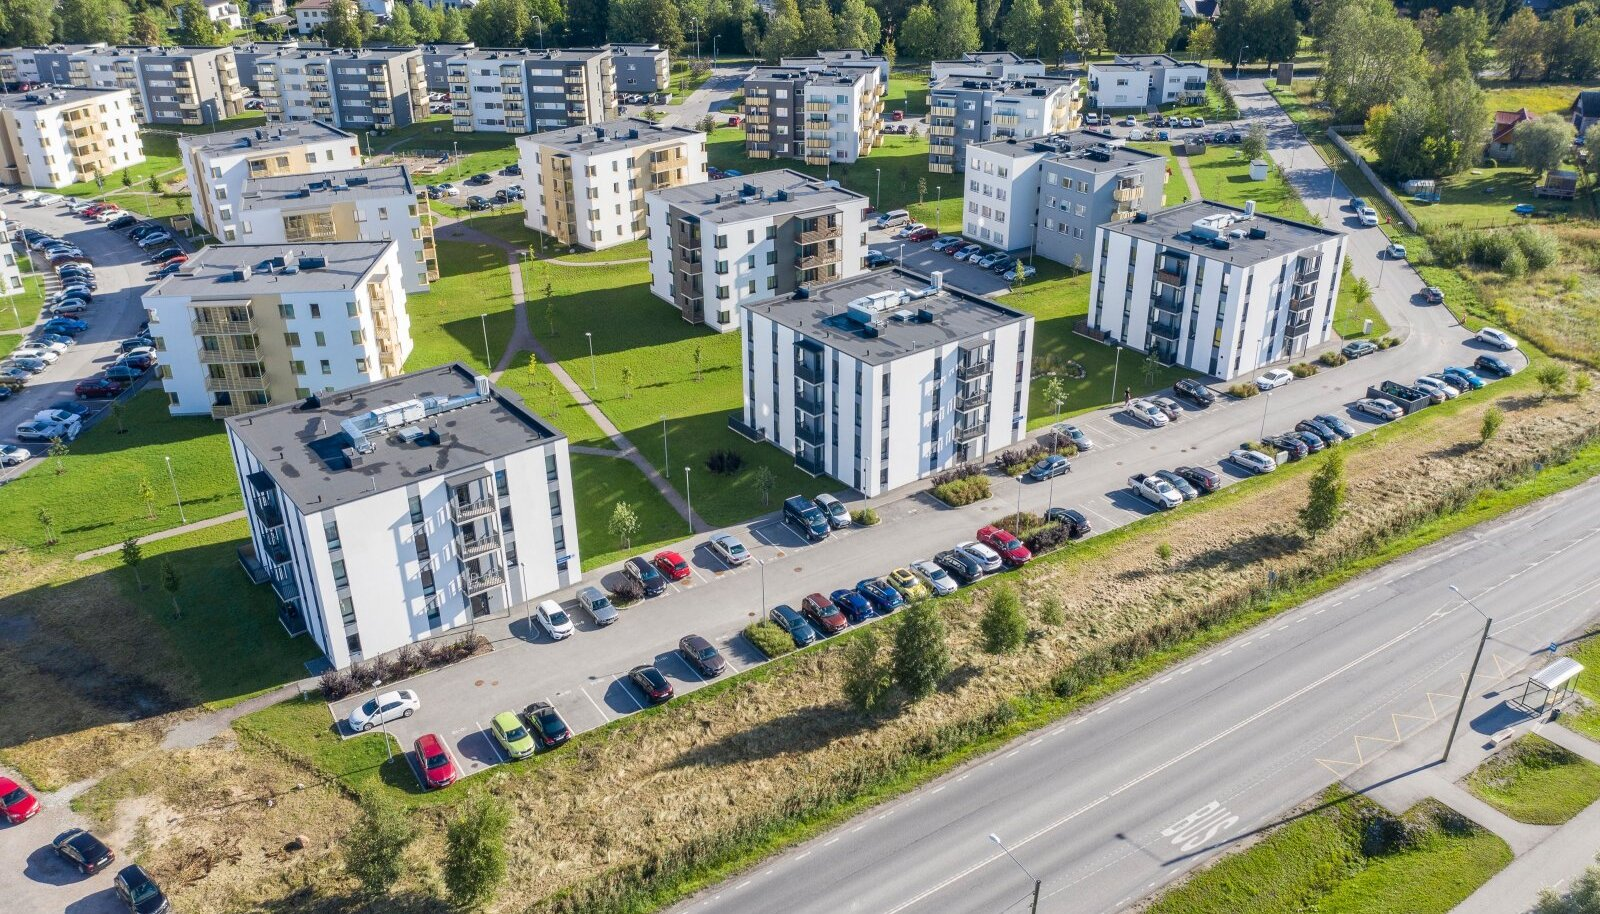 Droonipildid Tallinna magalatest